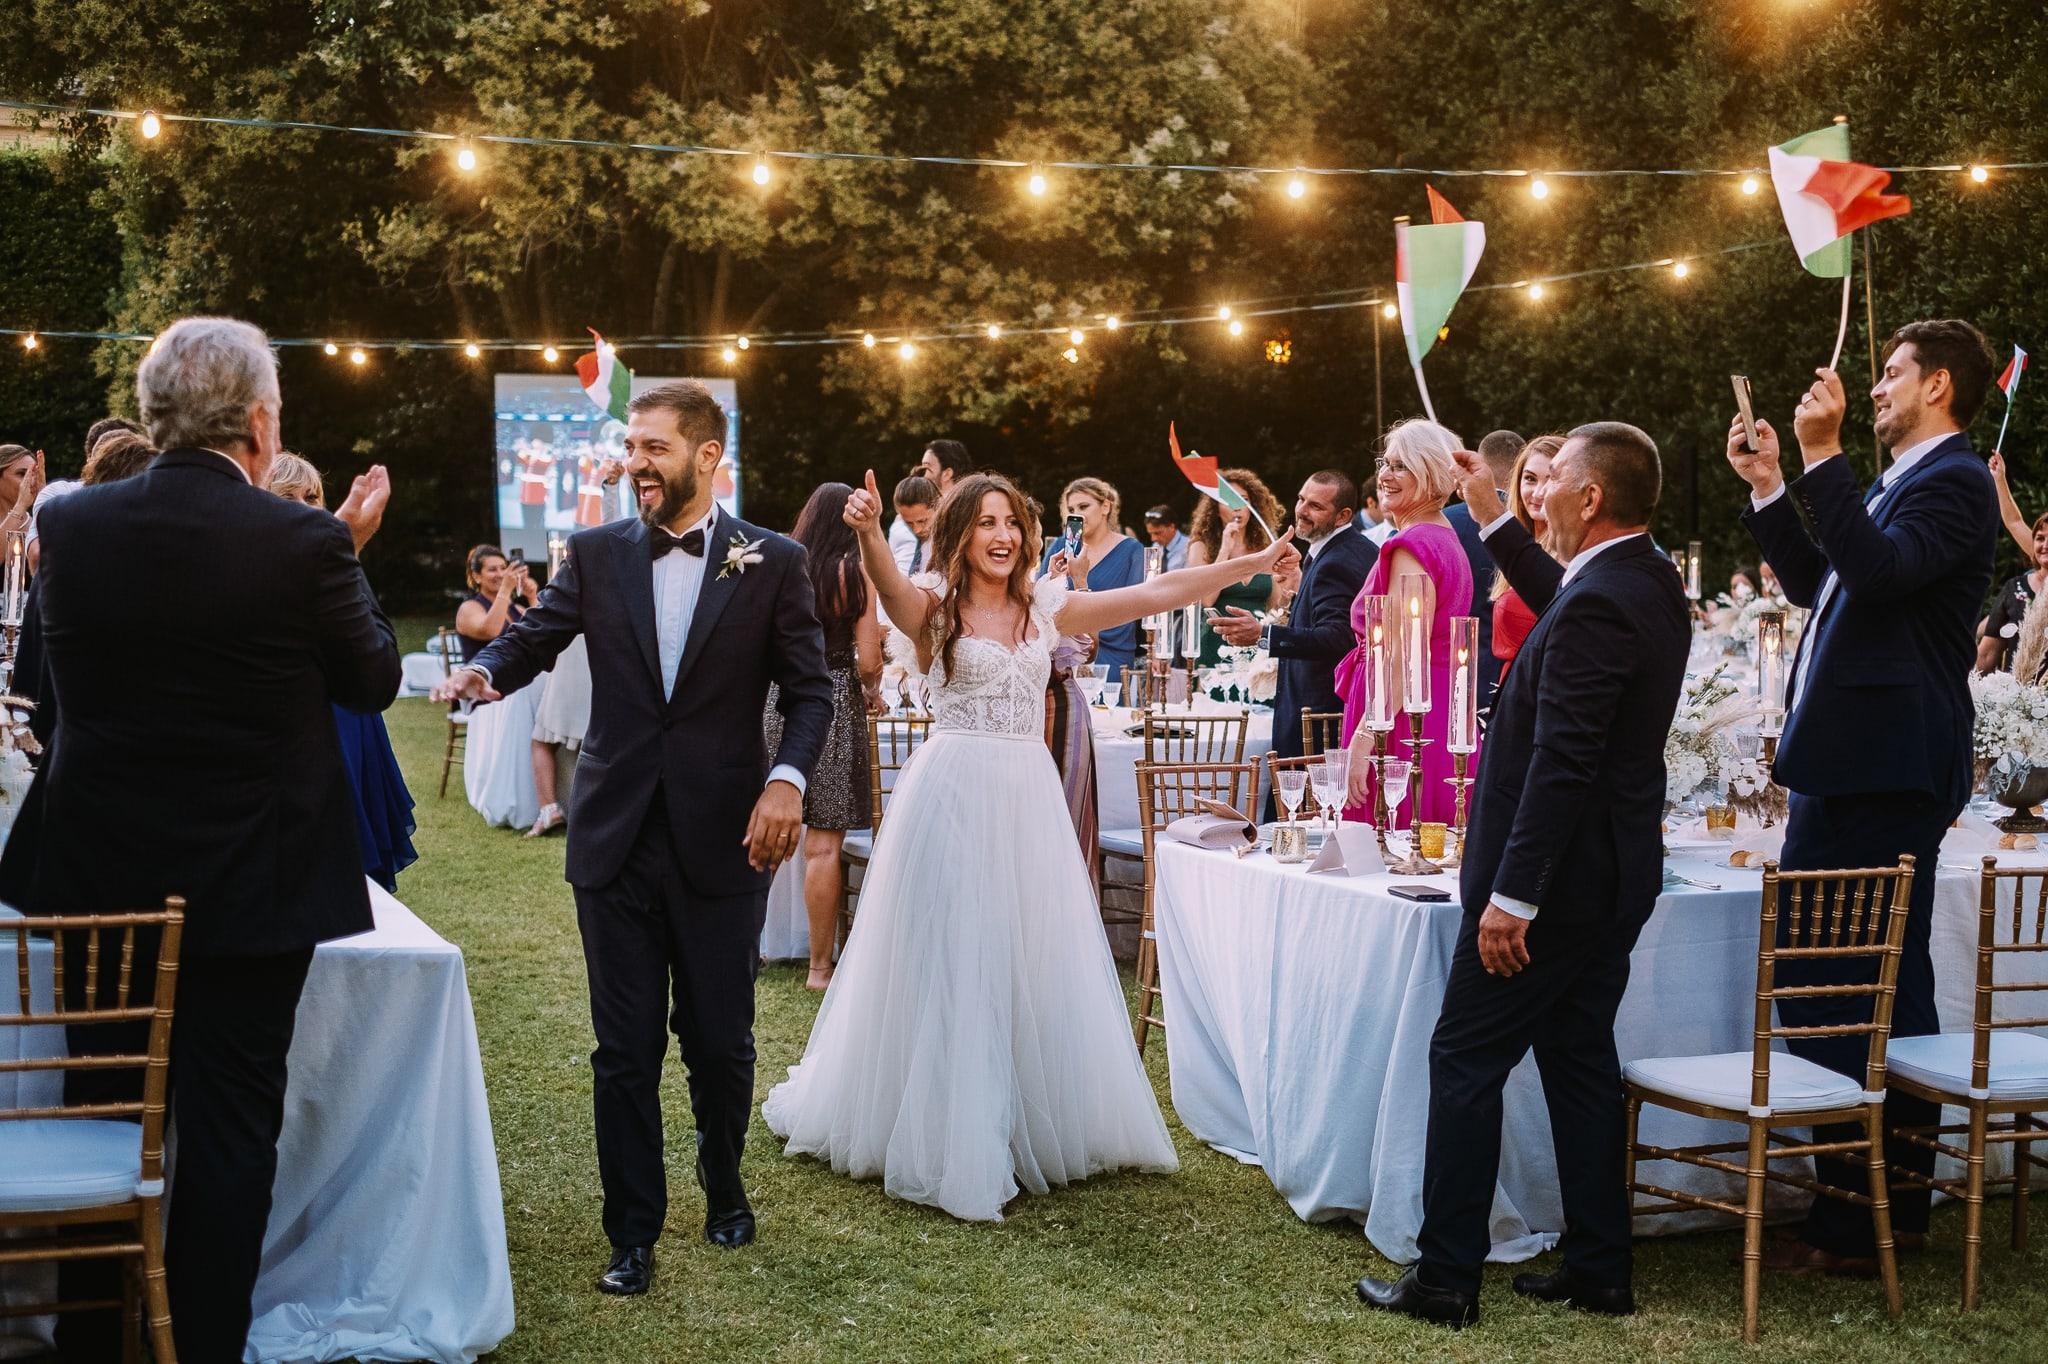 sposi-entrano-alla-cena-durante-un-matrimonio-a-villa-blumensthil-durante-finale-campionato-europeo-calcio-2021-campioni-europei-2020